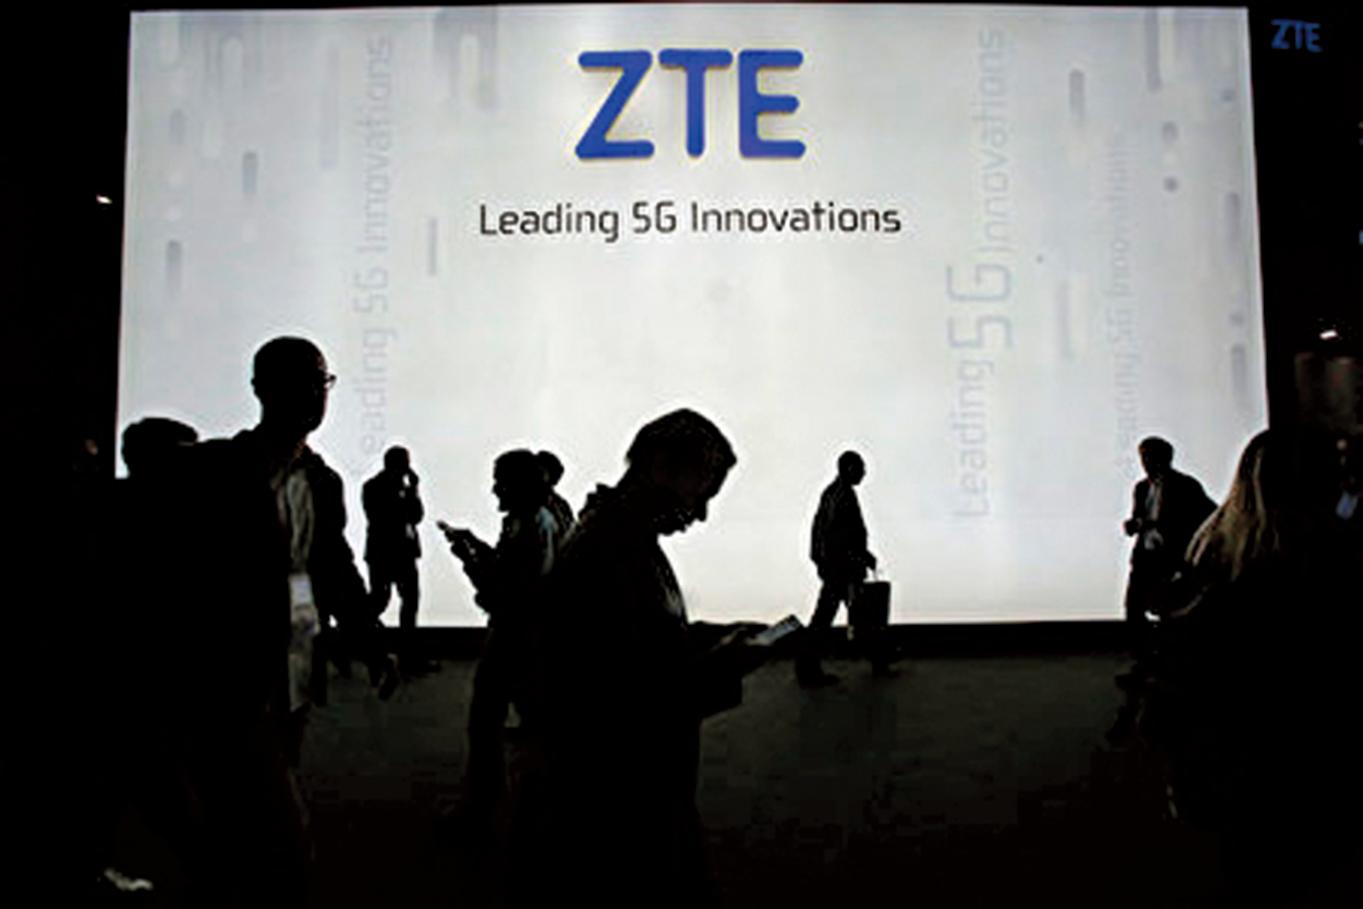 美國商務部授權中國中興通訊公司於7月2日至8月1日期間,可與部份美國公司暫時恢復部份商業活動。圖為資料圖片。(Getty Images)